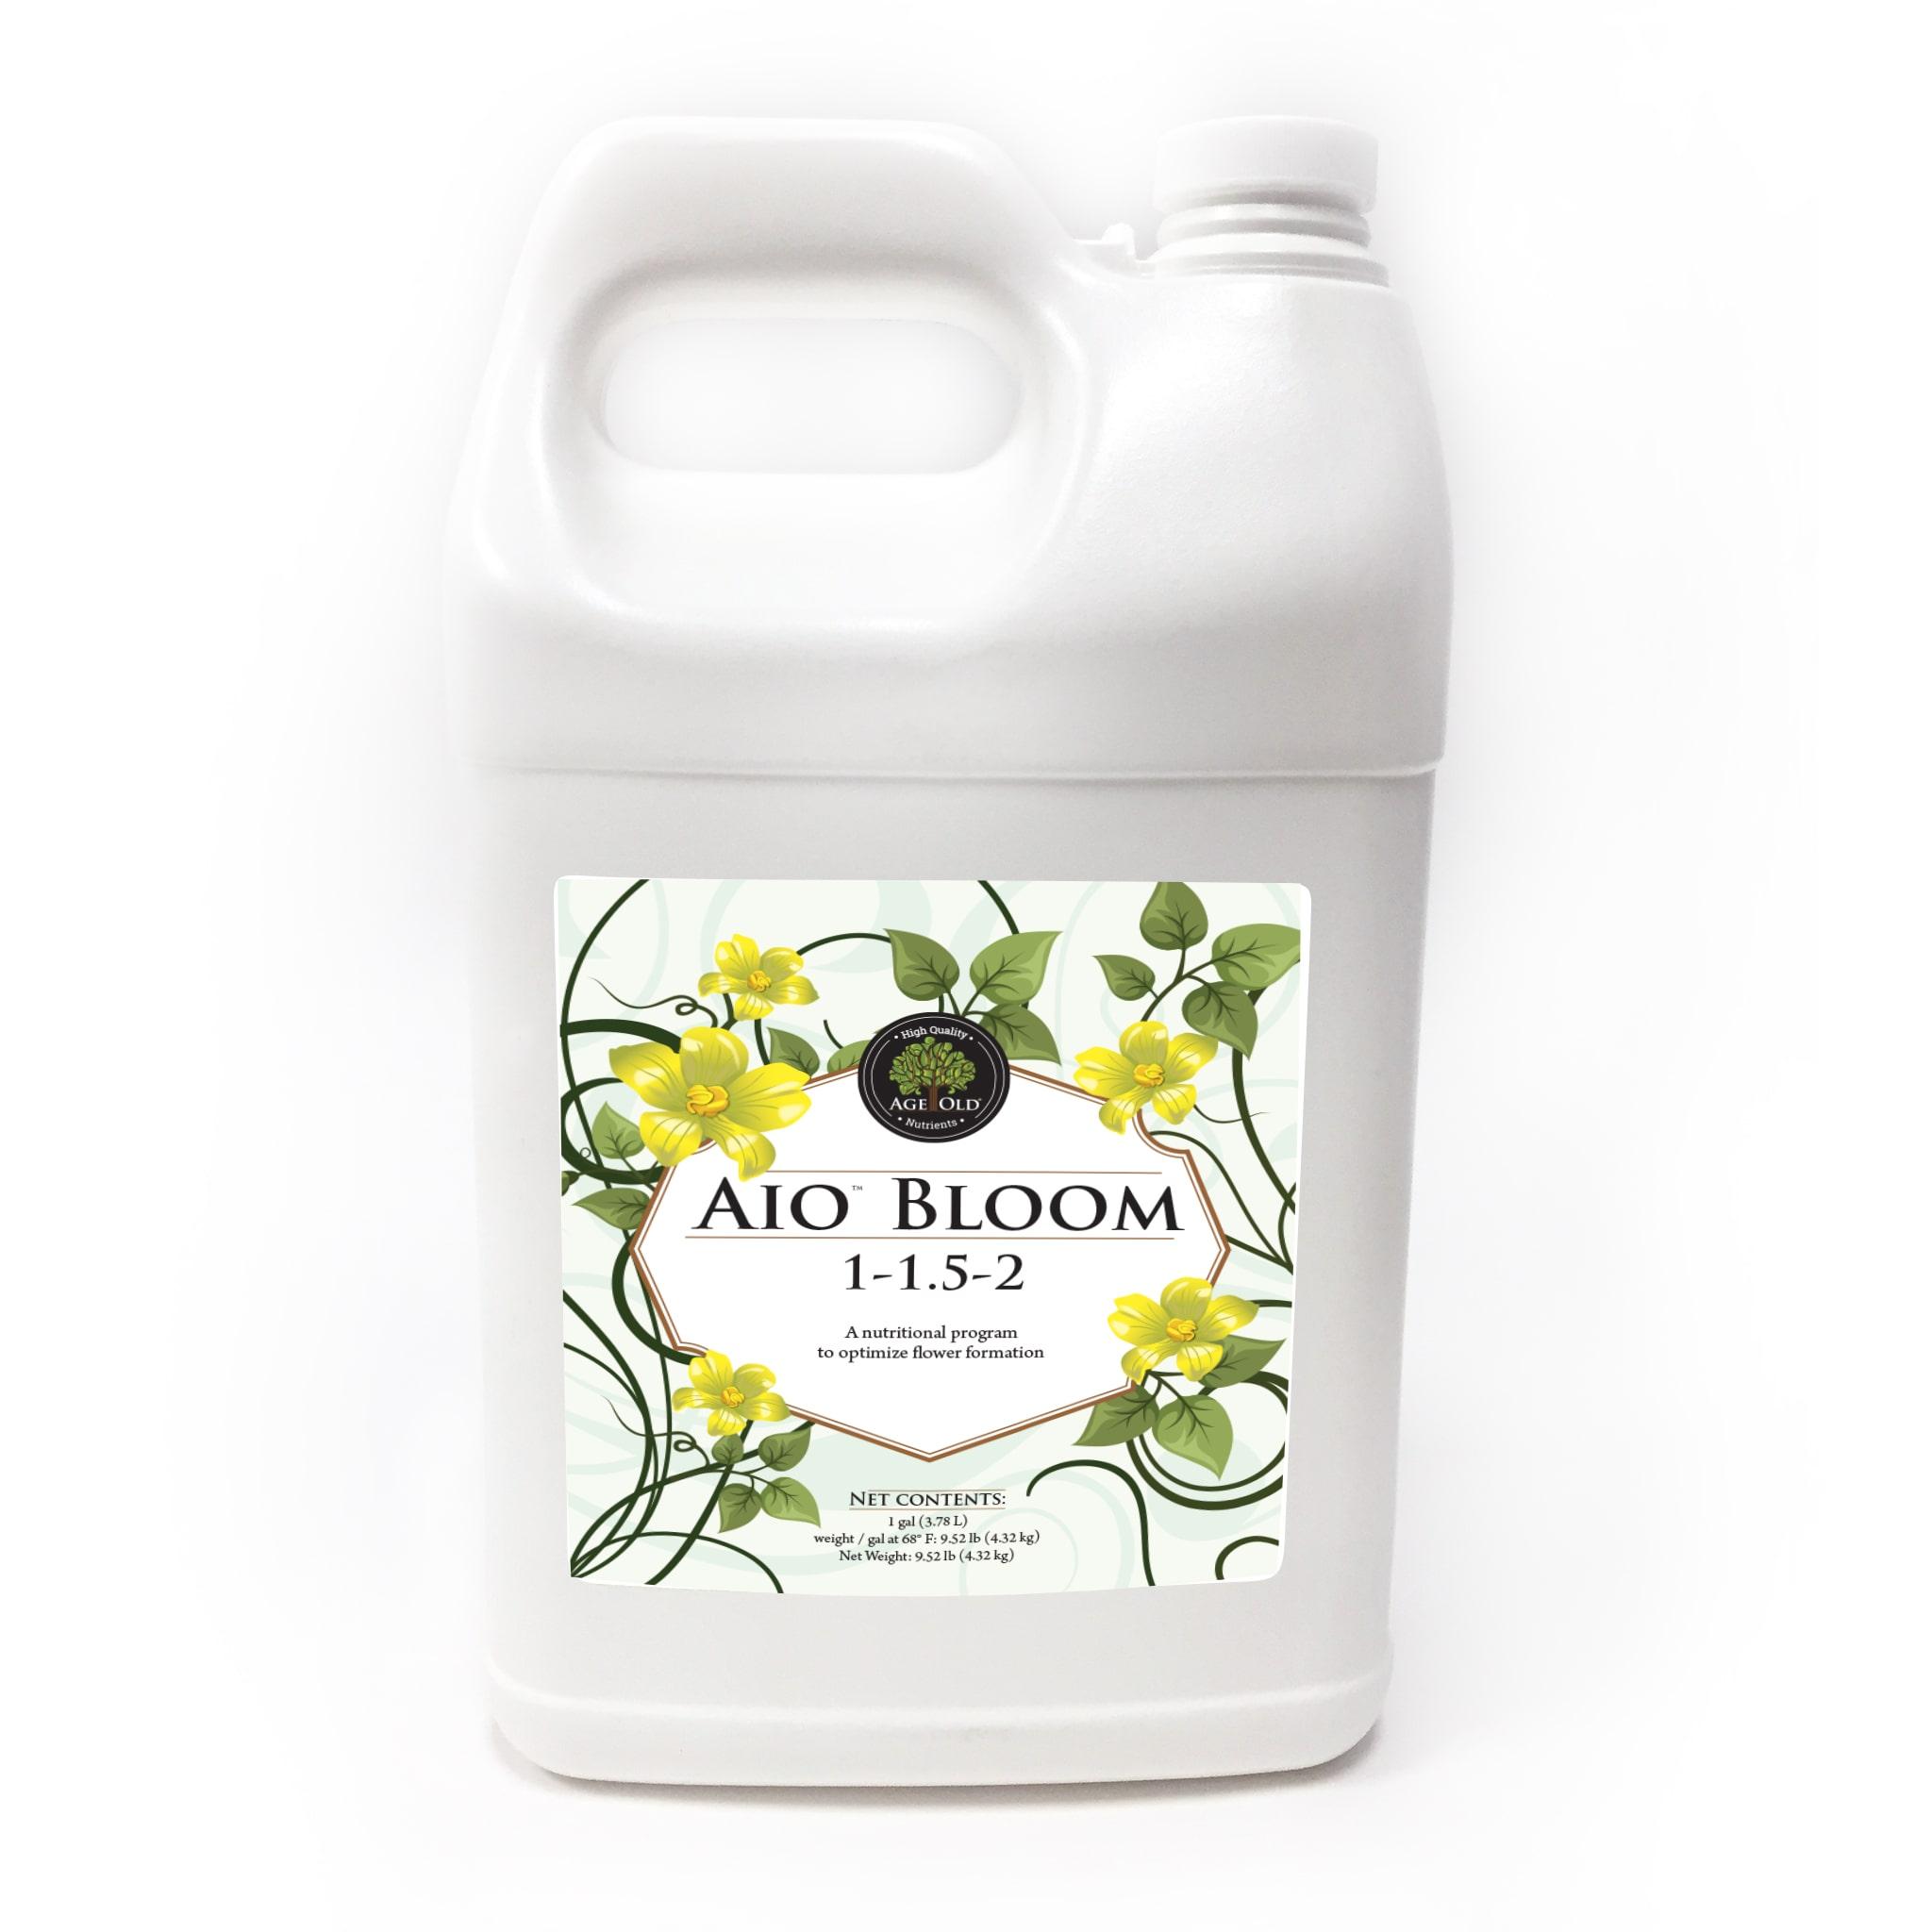 aio bloom 1-1.5-2 gallon